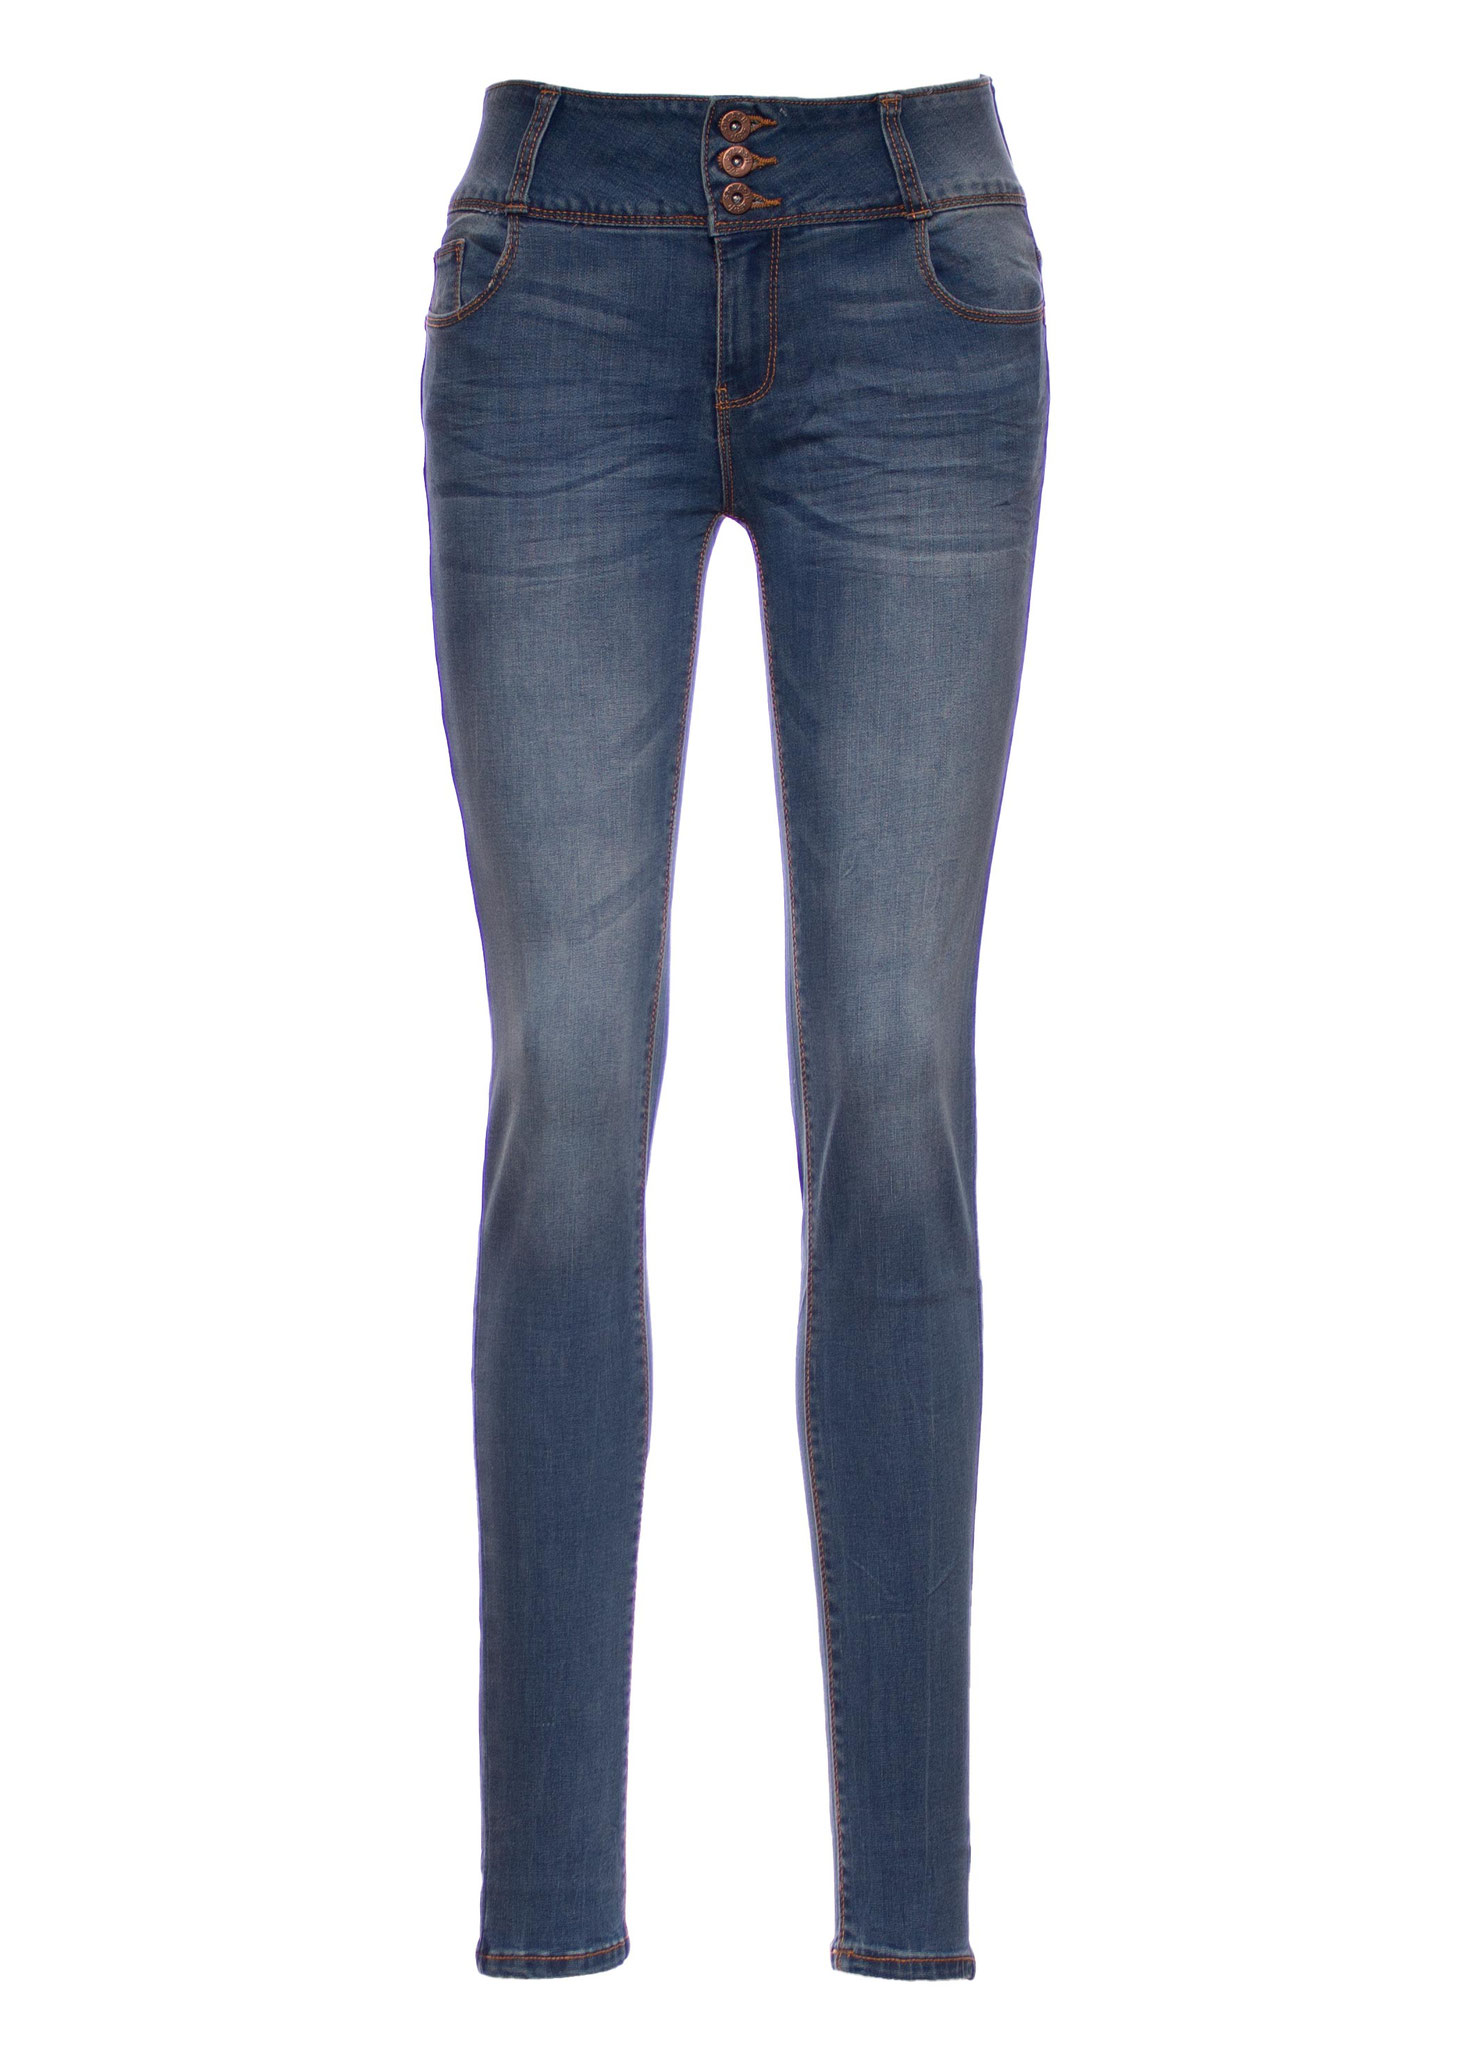 Jeans Breiter Bund 39,99€